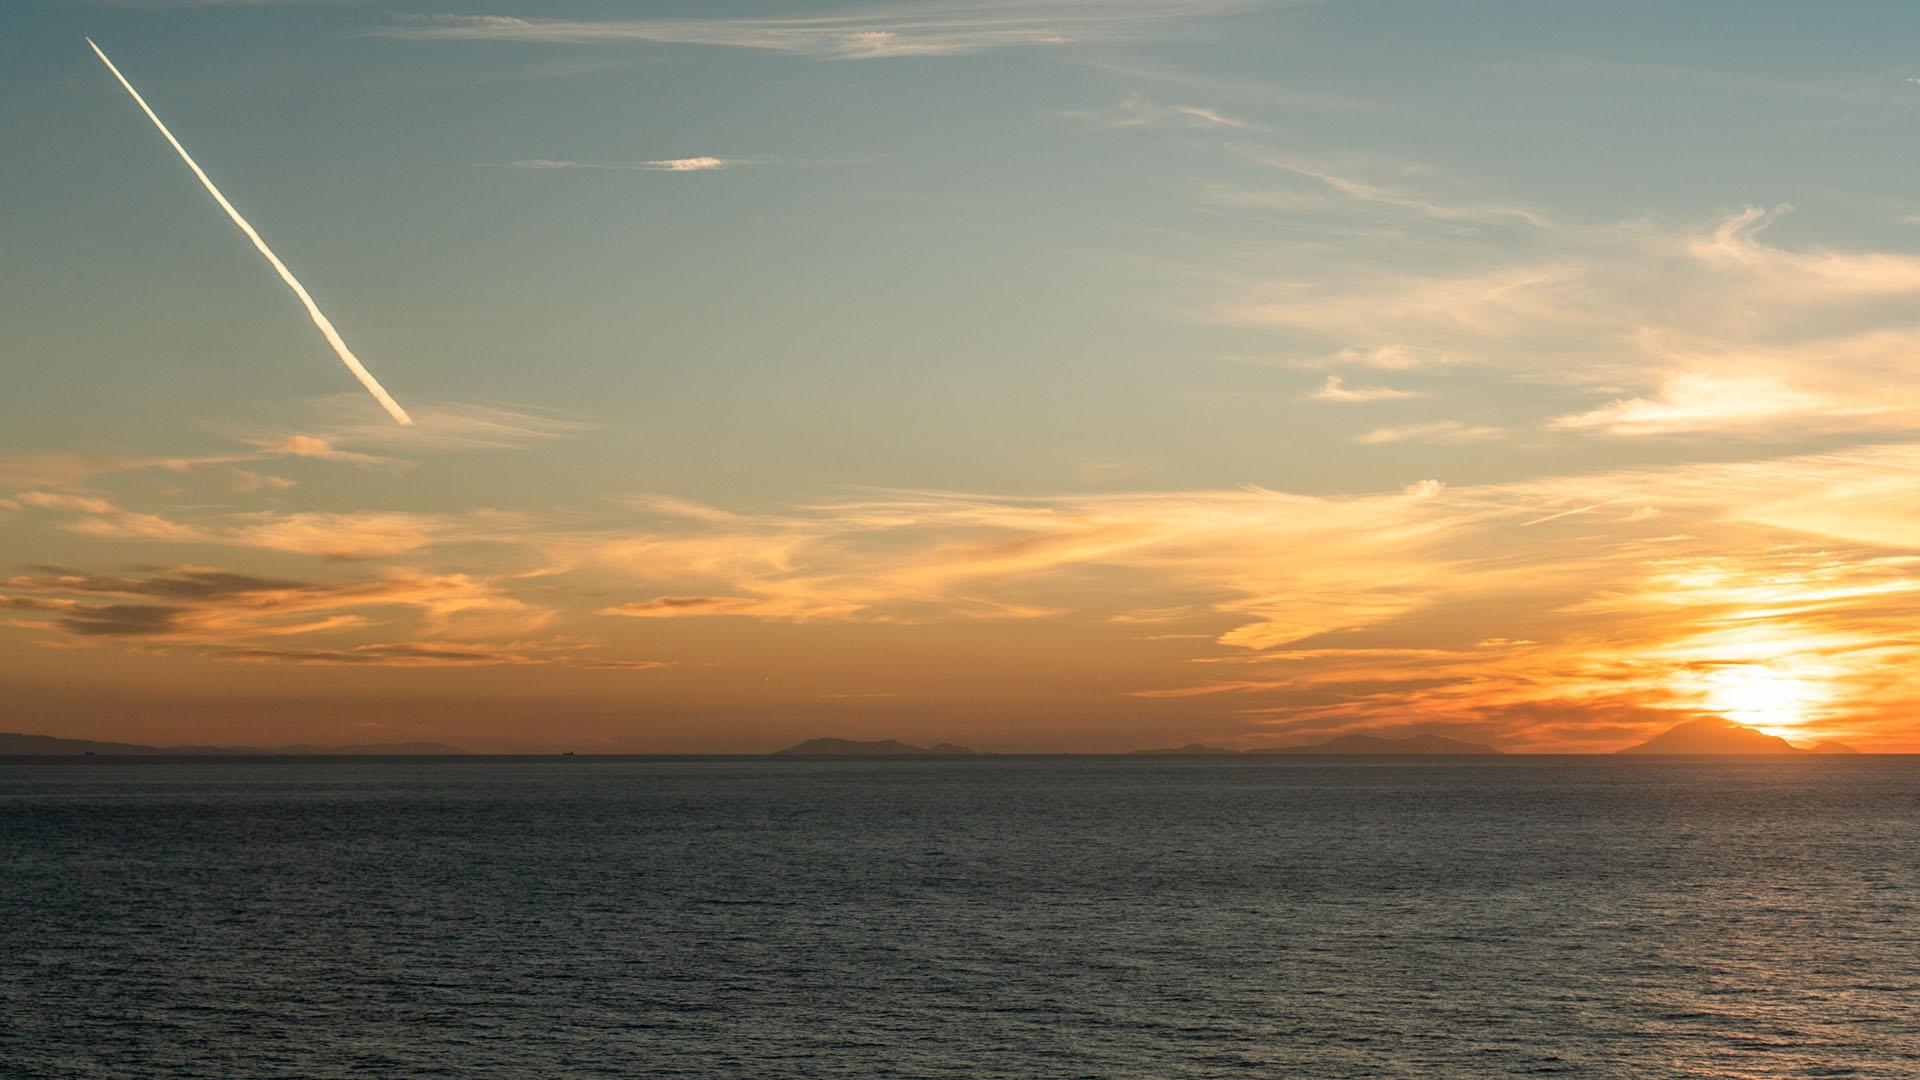 Capovaticano